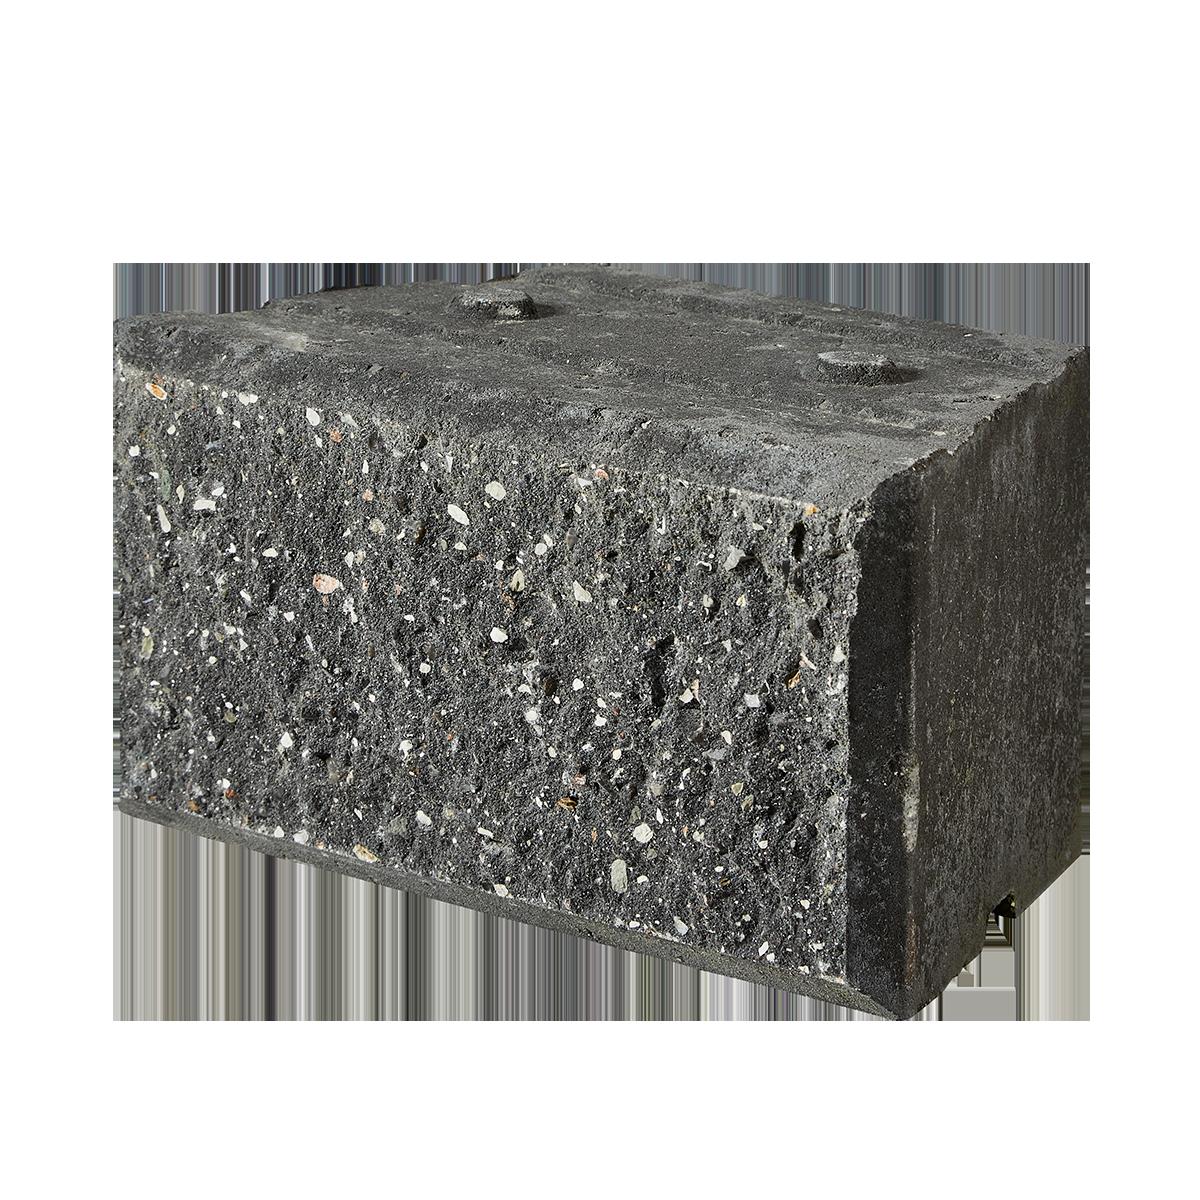 Easyblokke 18/30x18x15 cm Sort/Antracit Normal